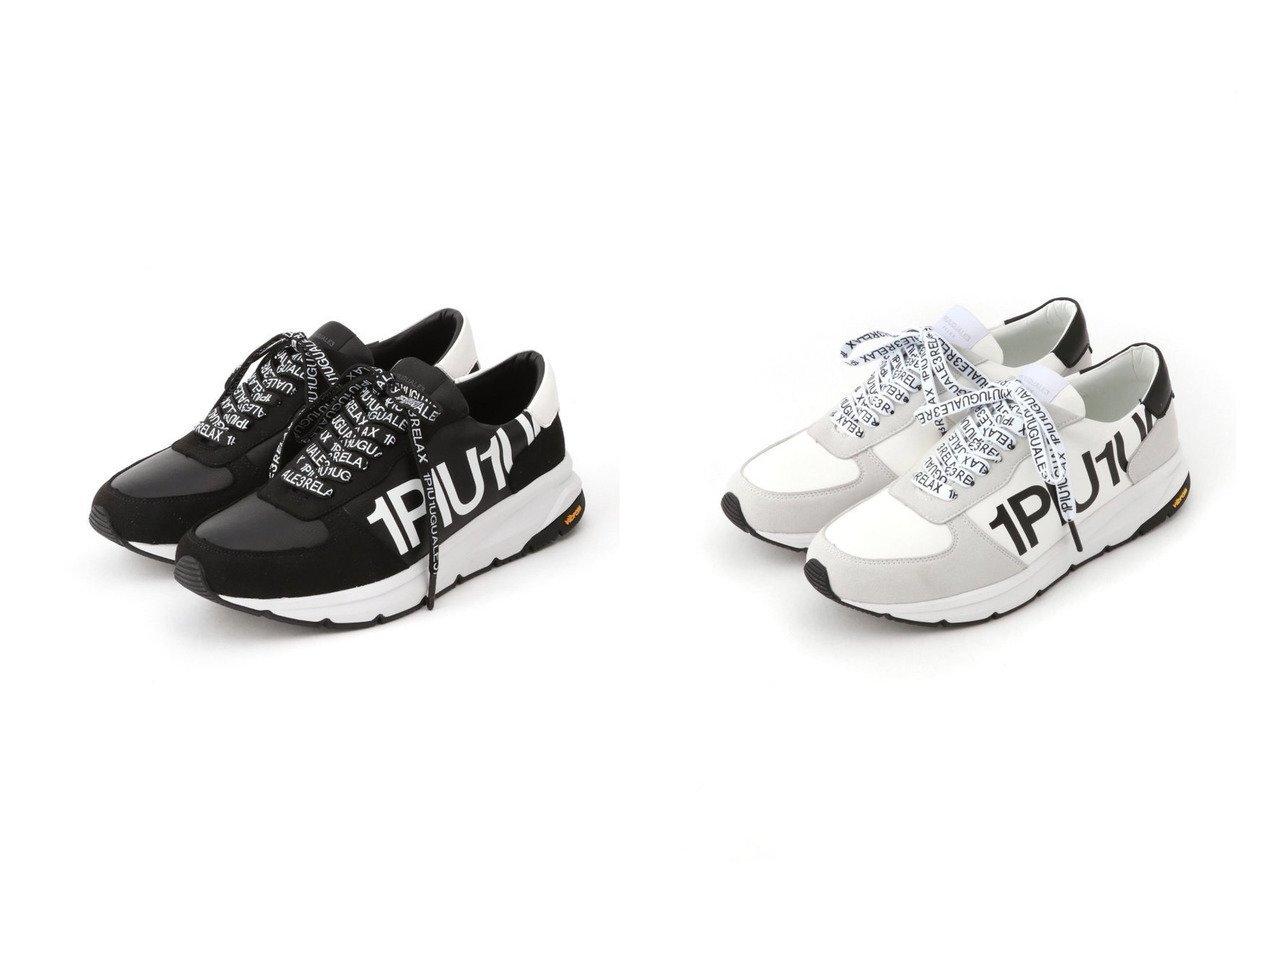 【1PIU1UGUALE3 RELAX/ウノピゥウノウグァーレトレ リラックス】のUSX-21001 【シューズ・靴】おすすめ!人気、トレンド・レディースファッションの通販 おすすめで人気の流行・トレンド、ファッションの通販商品 メンズファッション・キッズファッション・インテリア・家具・レディースファッション・服の通販 founy(ファニー) https://founy.com/ ファッション Fashion レディースファッション WOMEN コンビ シューズ スウェード スニーカー スポーティ スリッポン センター リラックス レース |ID:crp329100000028472